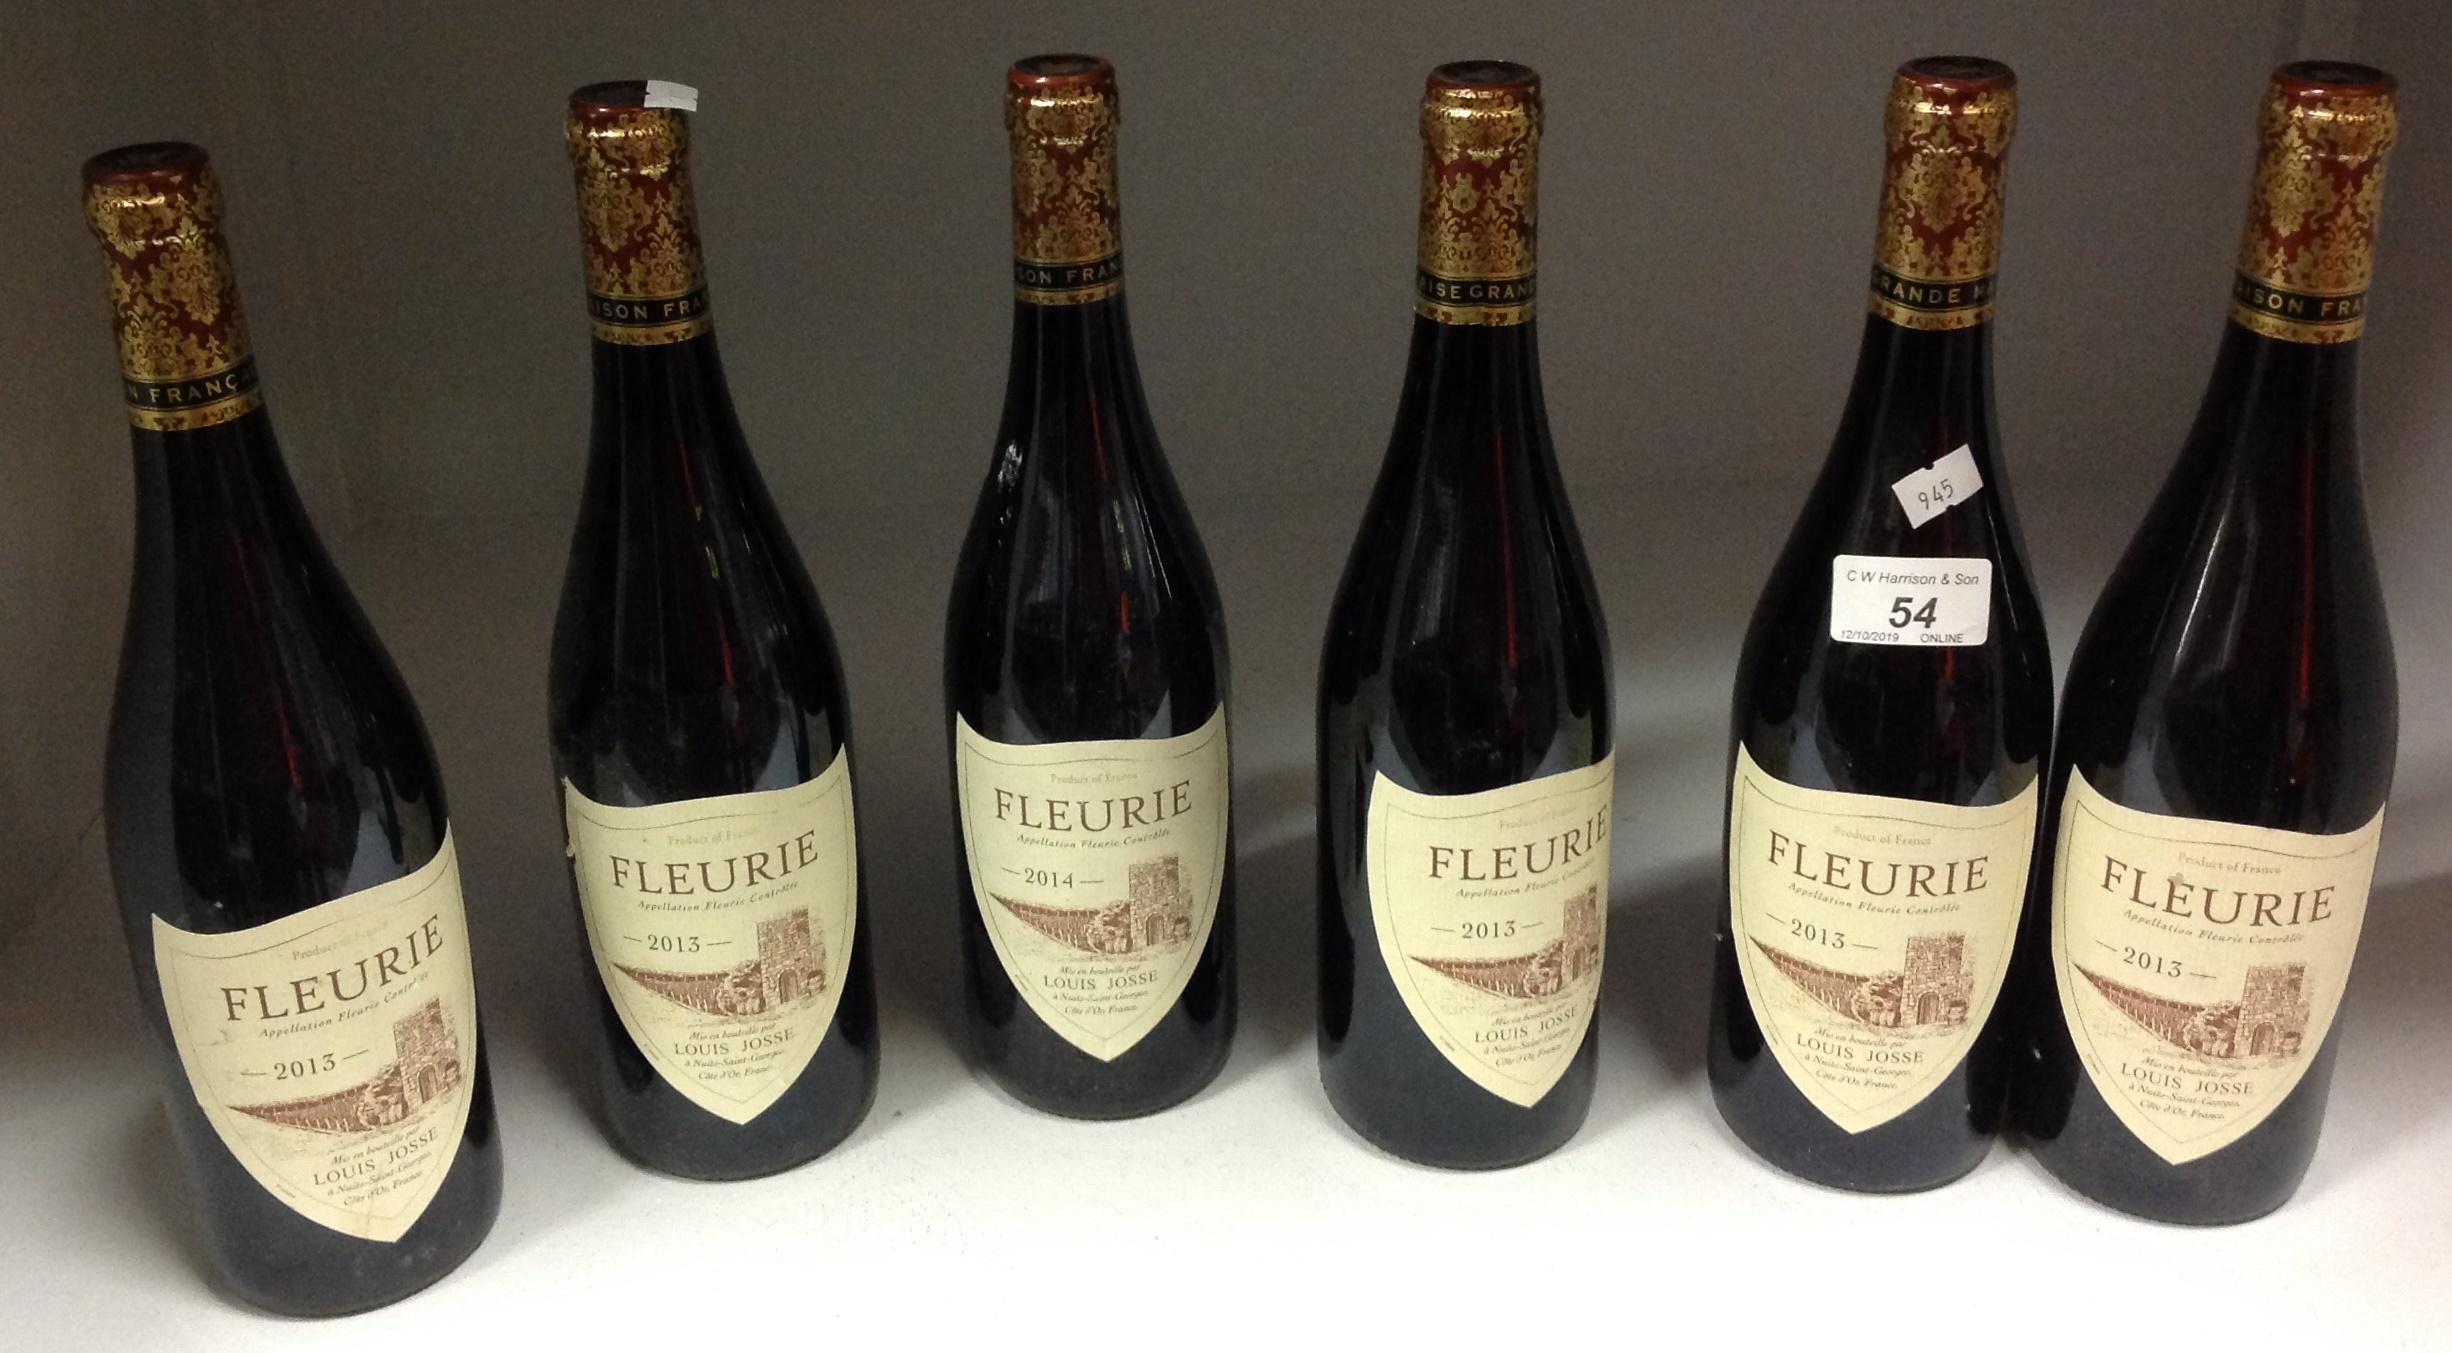 Lot 54 - 6 x 750ml bottles Louis Josse Fleurie